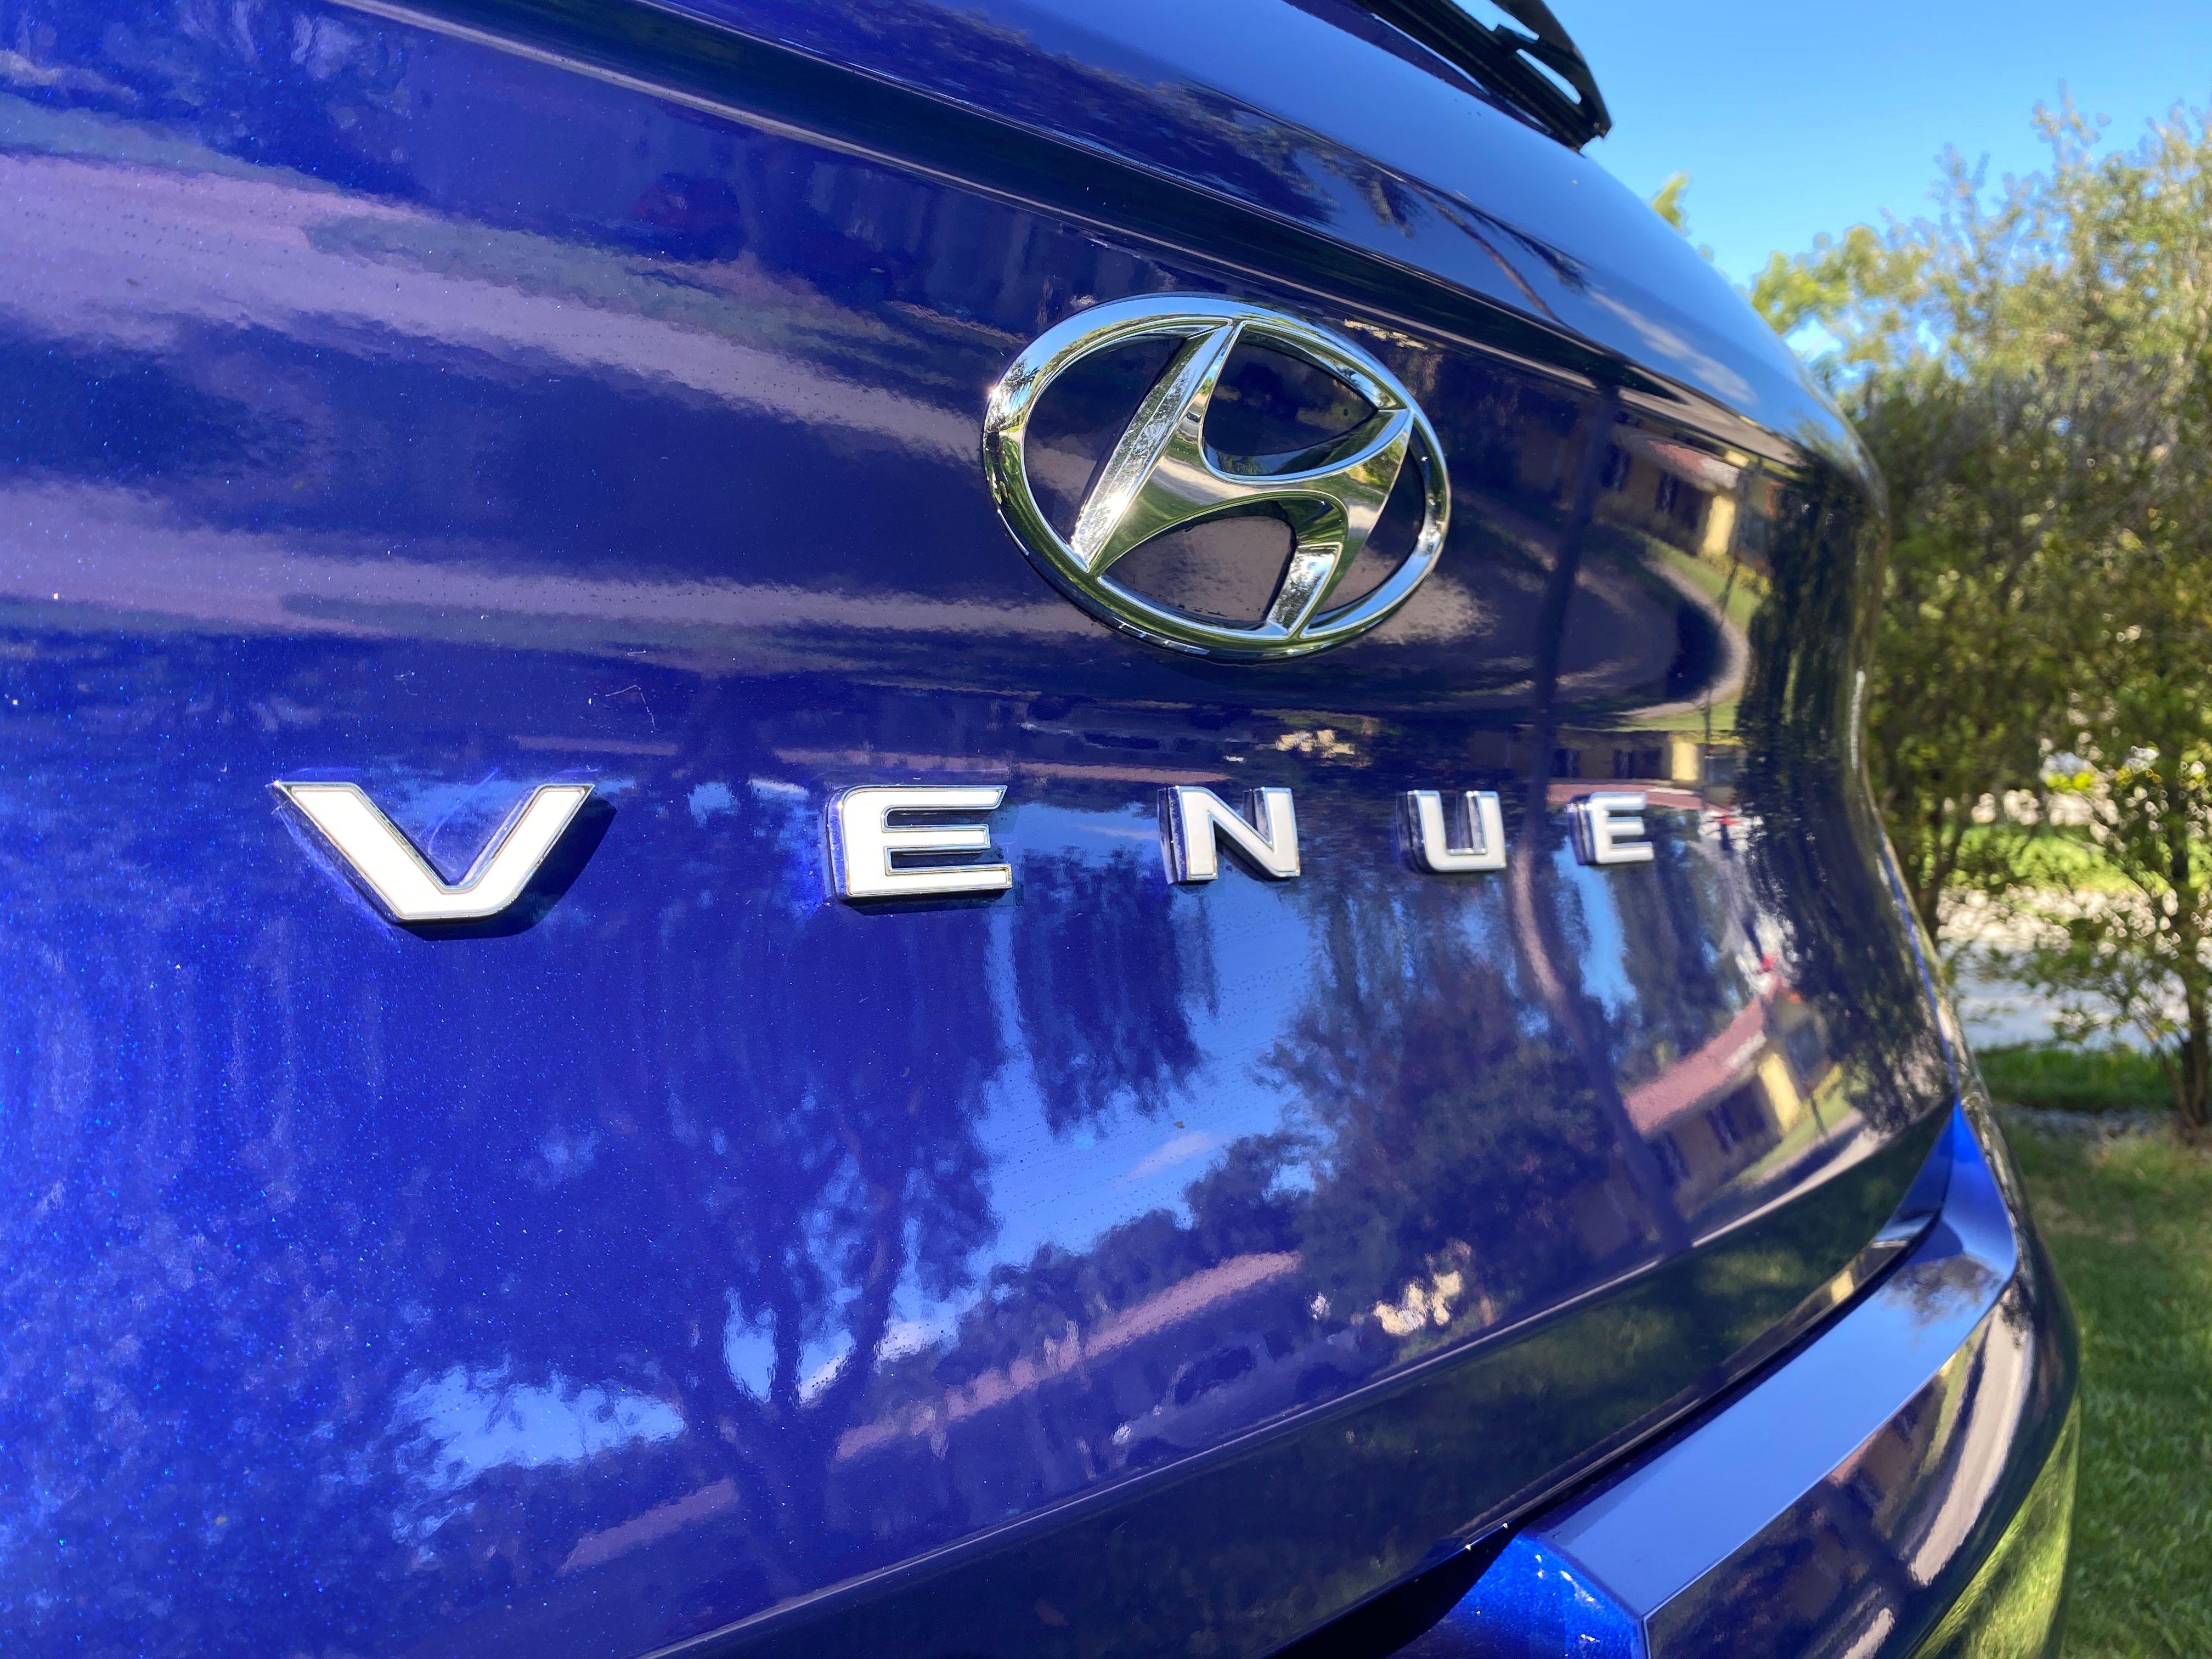 El Hyundai Venue SEL 2020 que manejé esta semana tenía precio base de $19,250 y total de $23,280, con un par de paquetes opcionales.